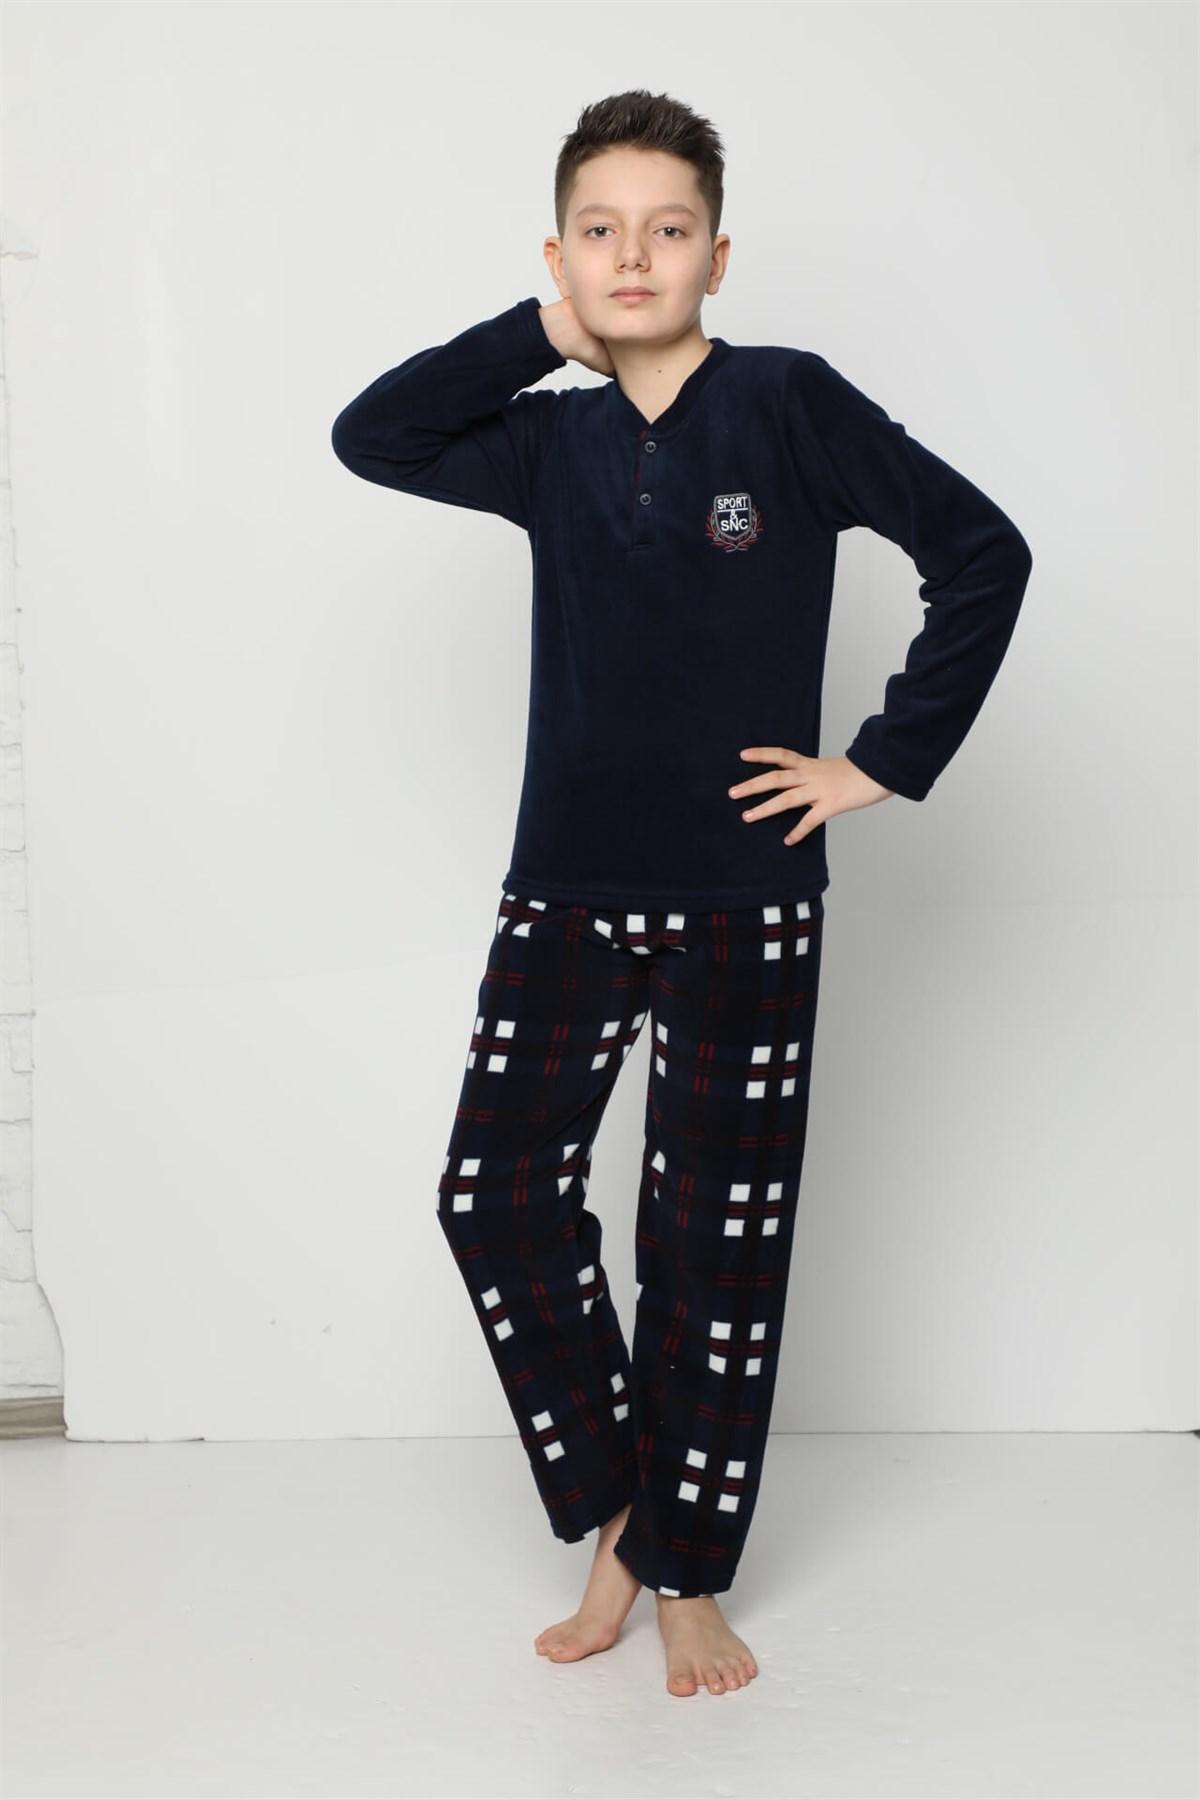 Angelino İç Giyim - WelSoft Polar Erkek Çocuk Pijama Takımı 4529 (1)